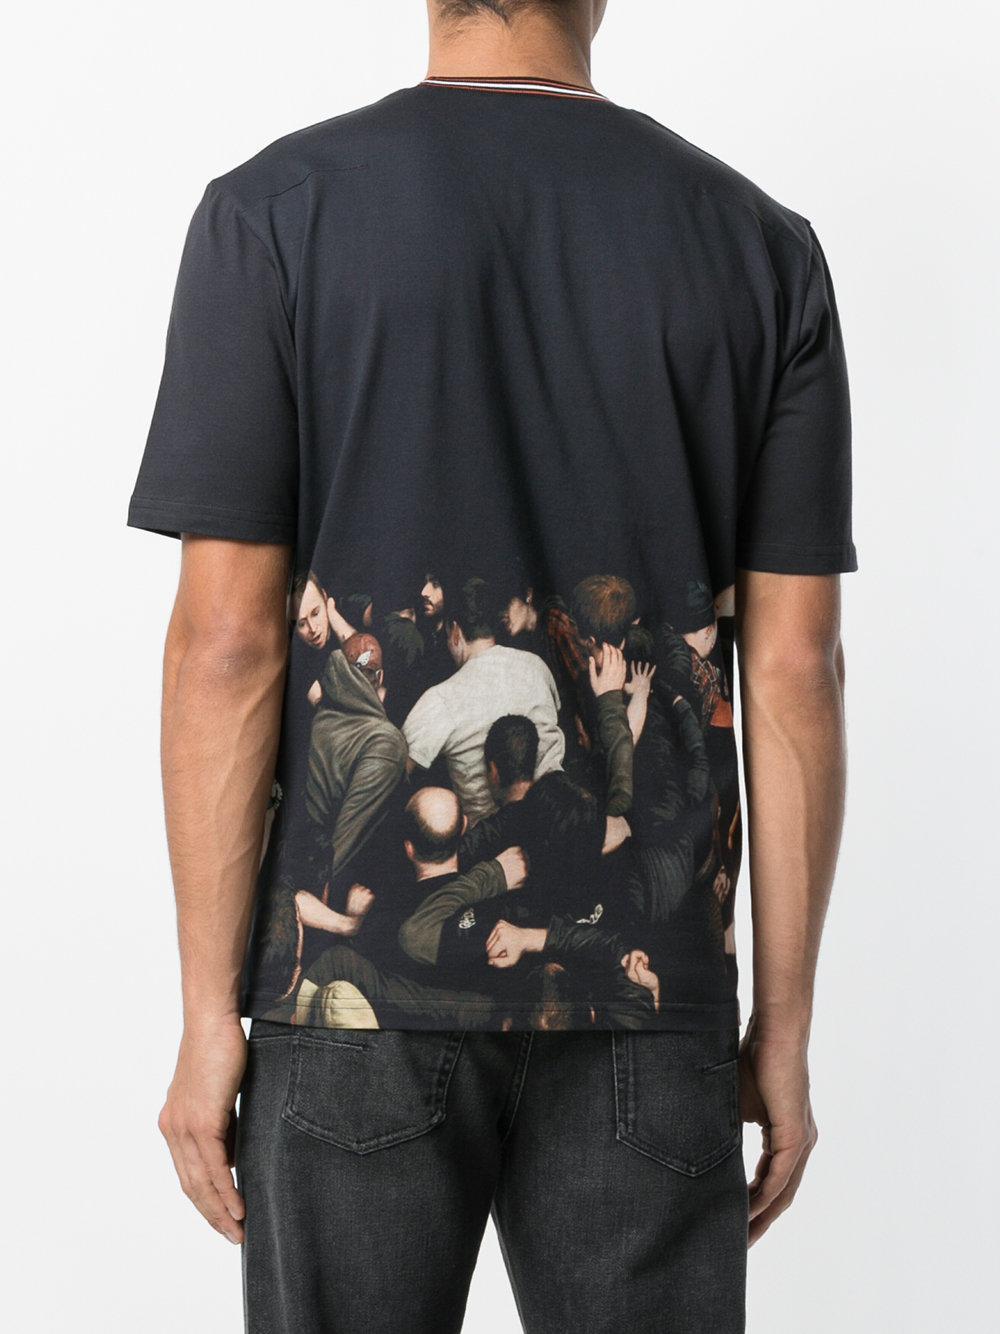 lyst dior homme printed t shirt in black for men. Black Bedroom Furniture Sets. Home Design Ideas